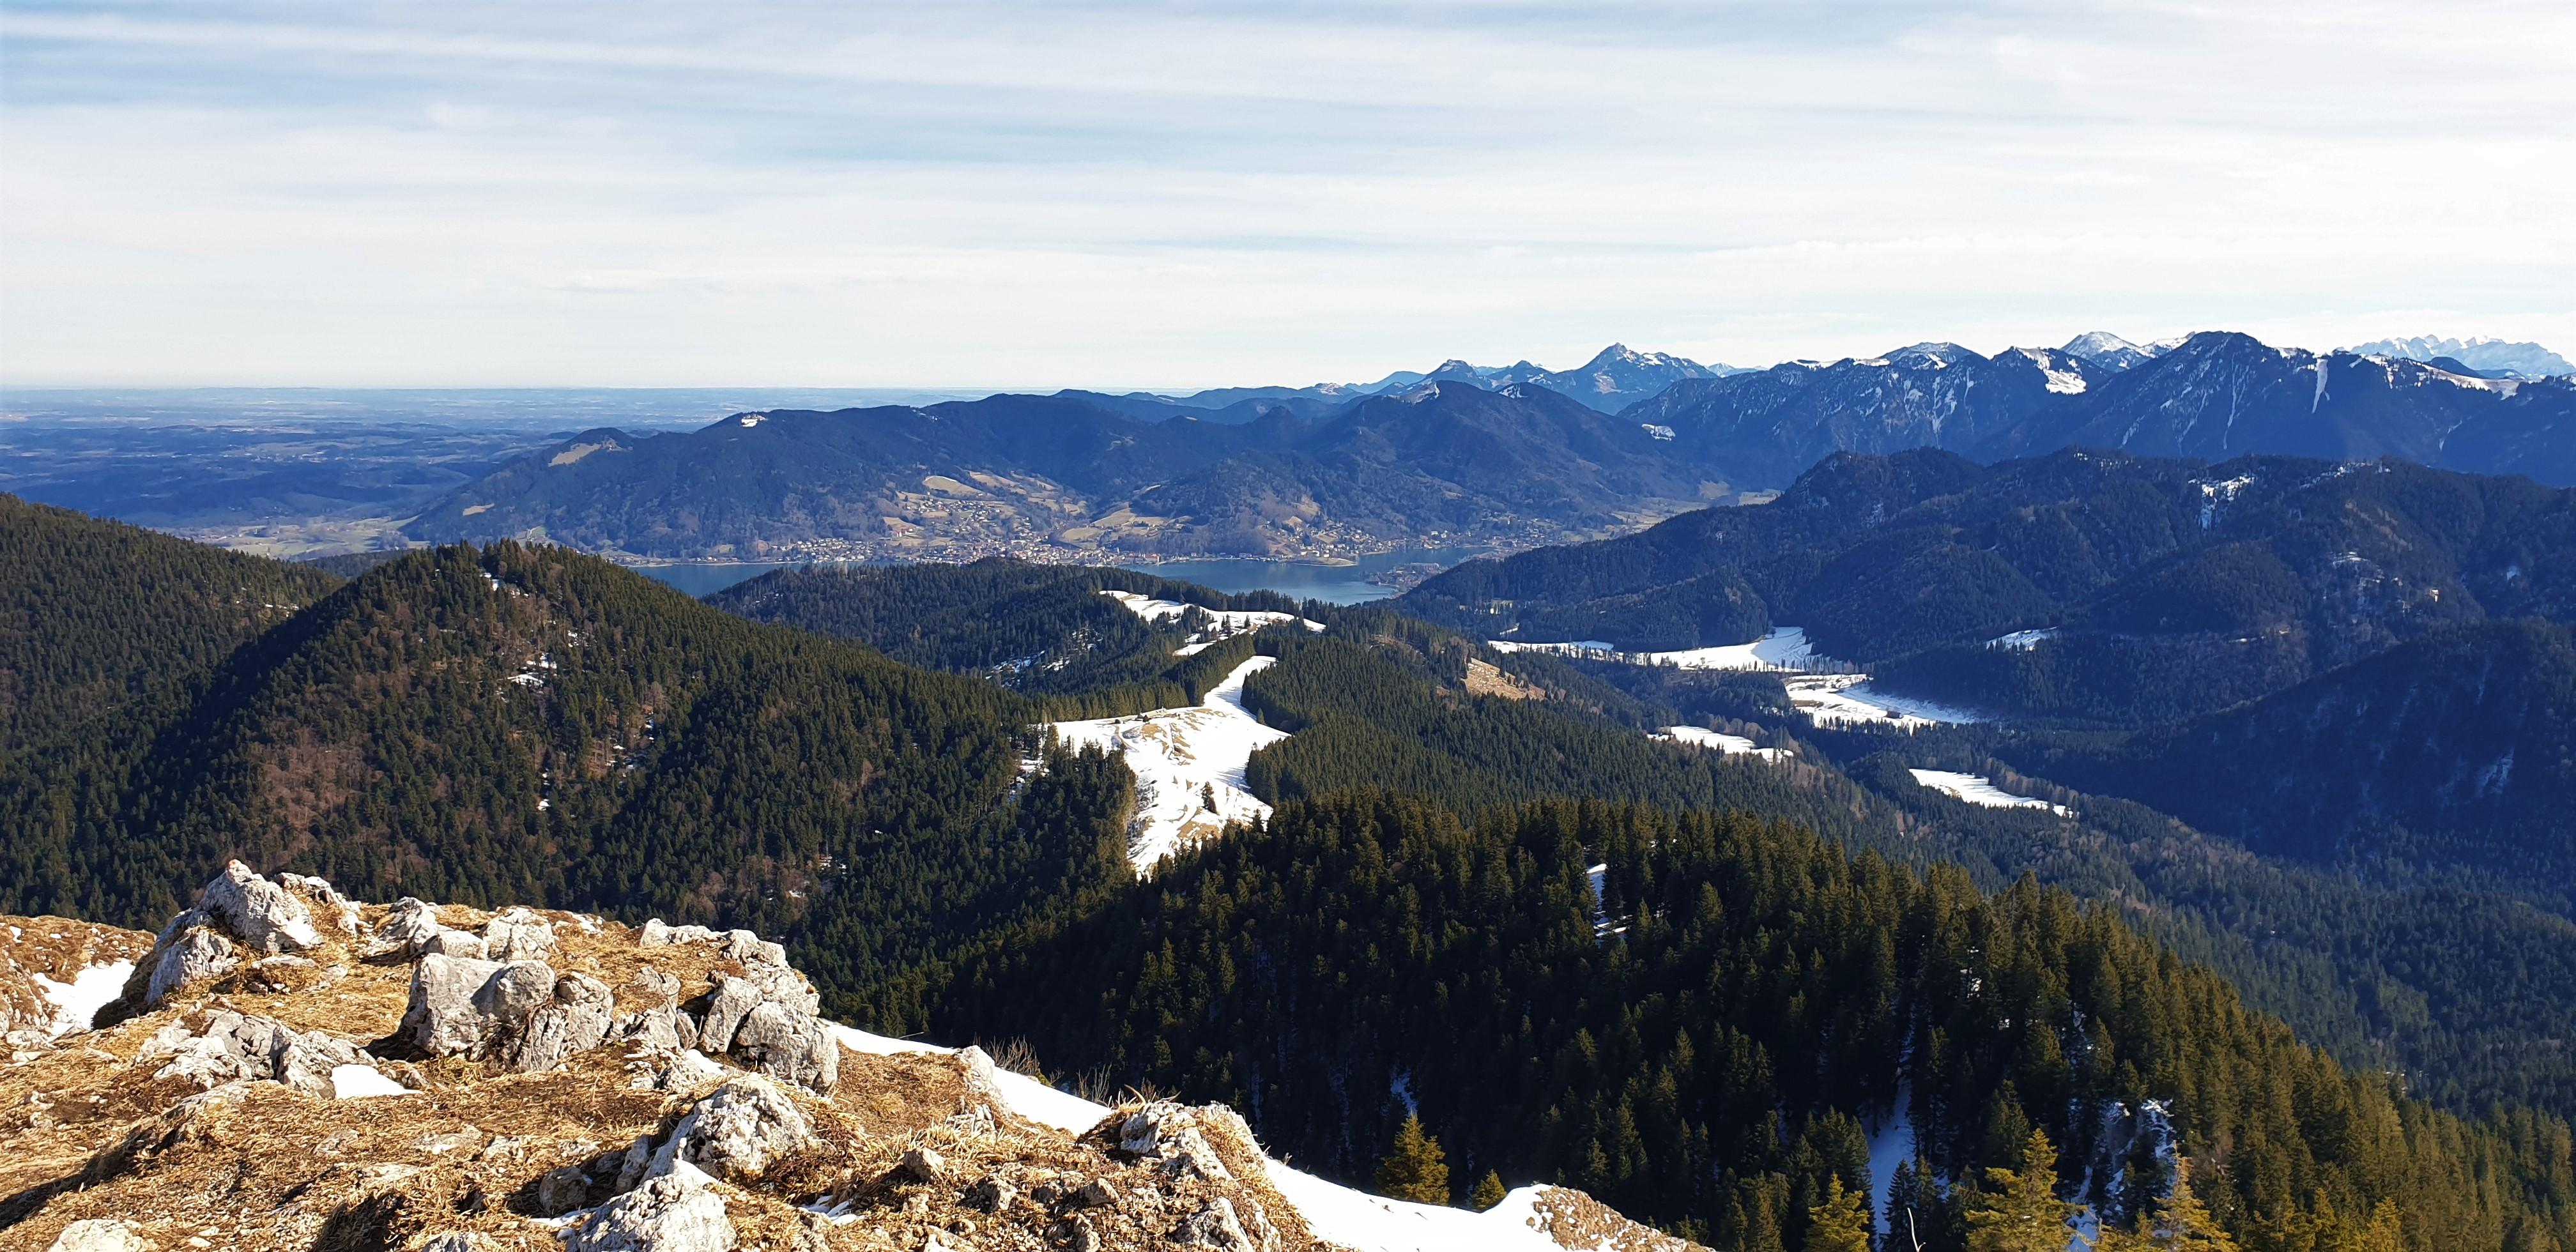 Aussicht vom Gipfel des Fockenstein auf die Aueralm und den Tegernsee